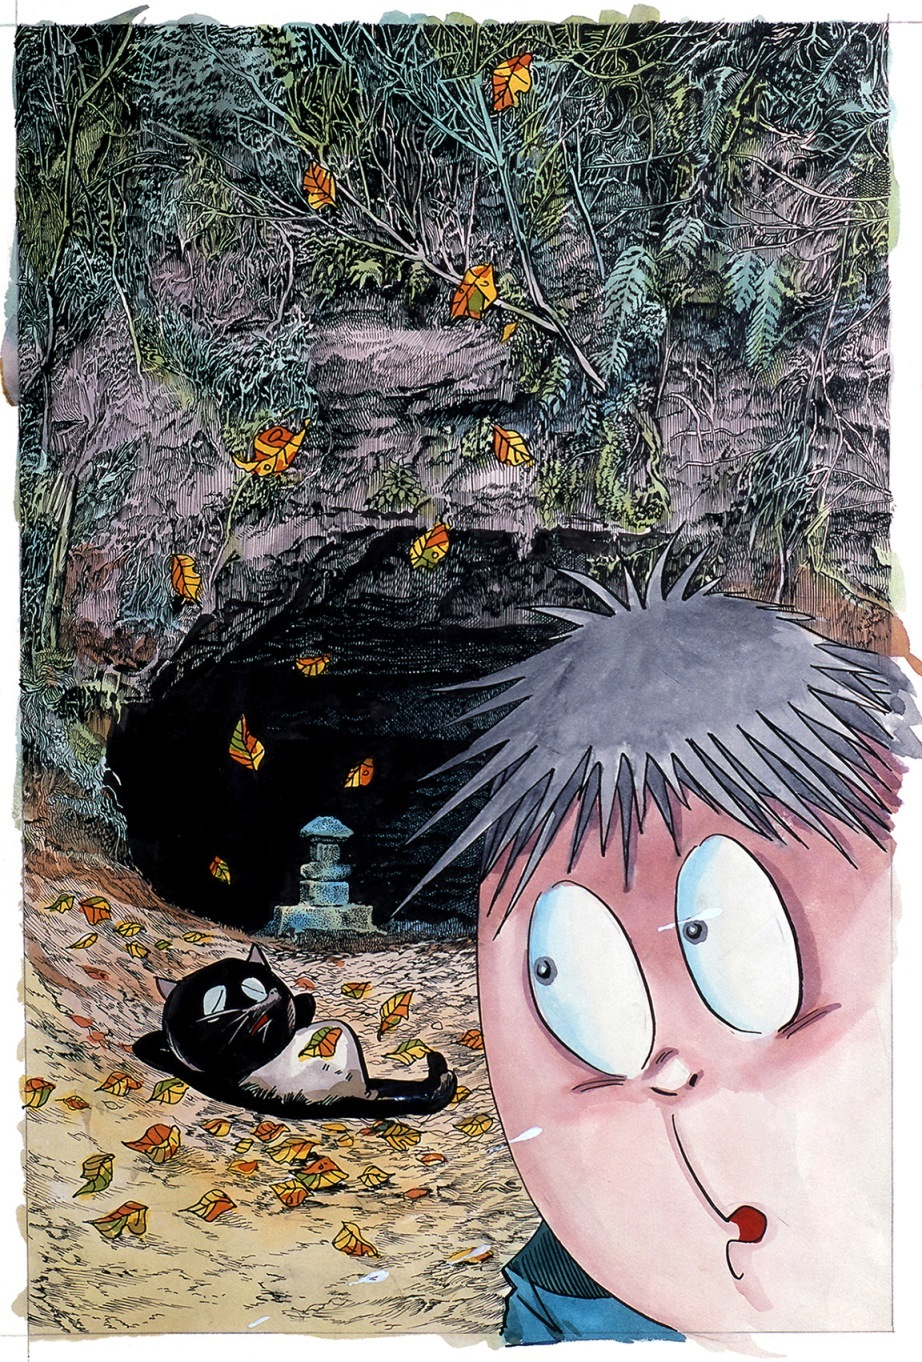 『週刊少年サンデー』版「河童の三平」 連載5回目扉絵 1968年 (C)水木プロダクション